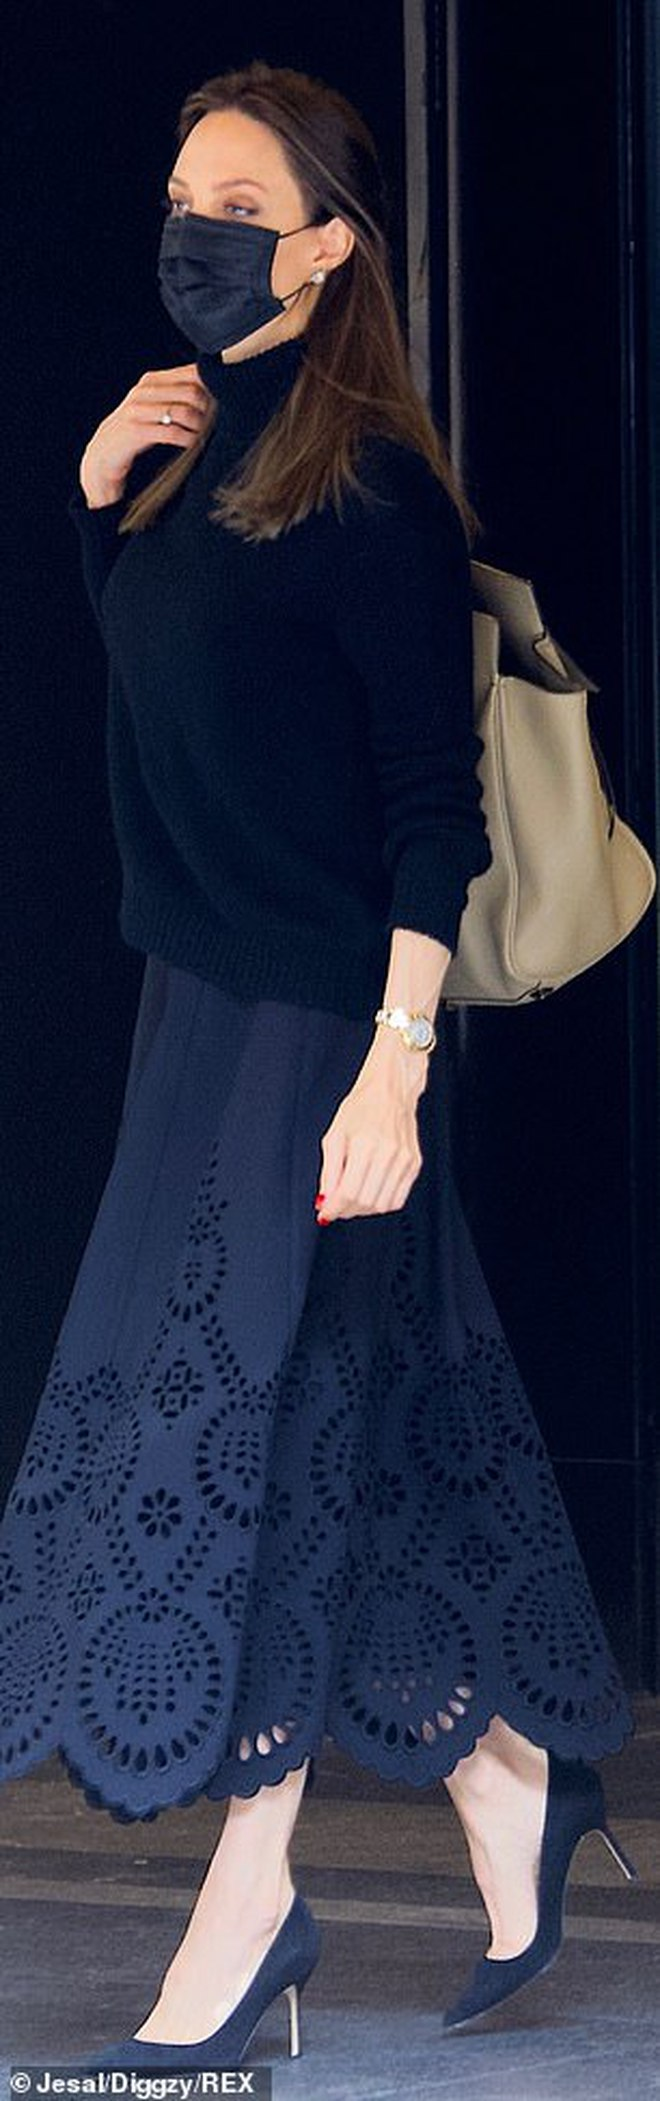 Vừa phát biểu tại Nhà Trắng, Angelina Jolie đã gây náo loạn sân bay: Đeo khẩu trang vẫn gây sốt vì visual đẹp hút hồn - Ảnh 3.